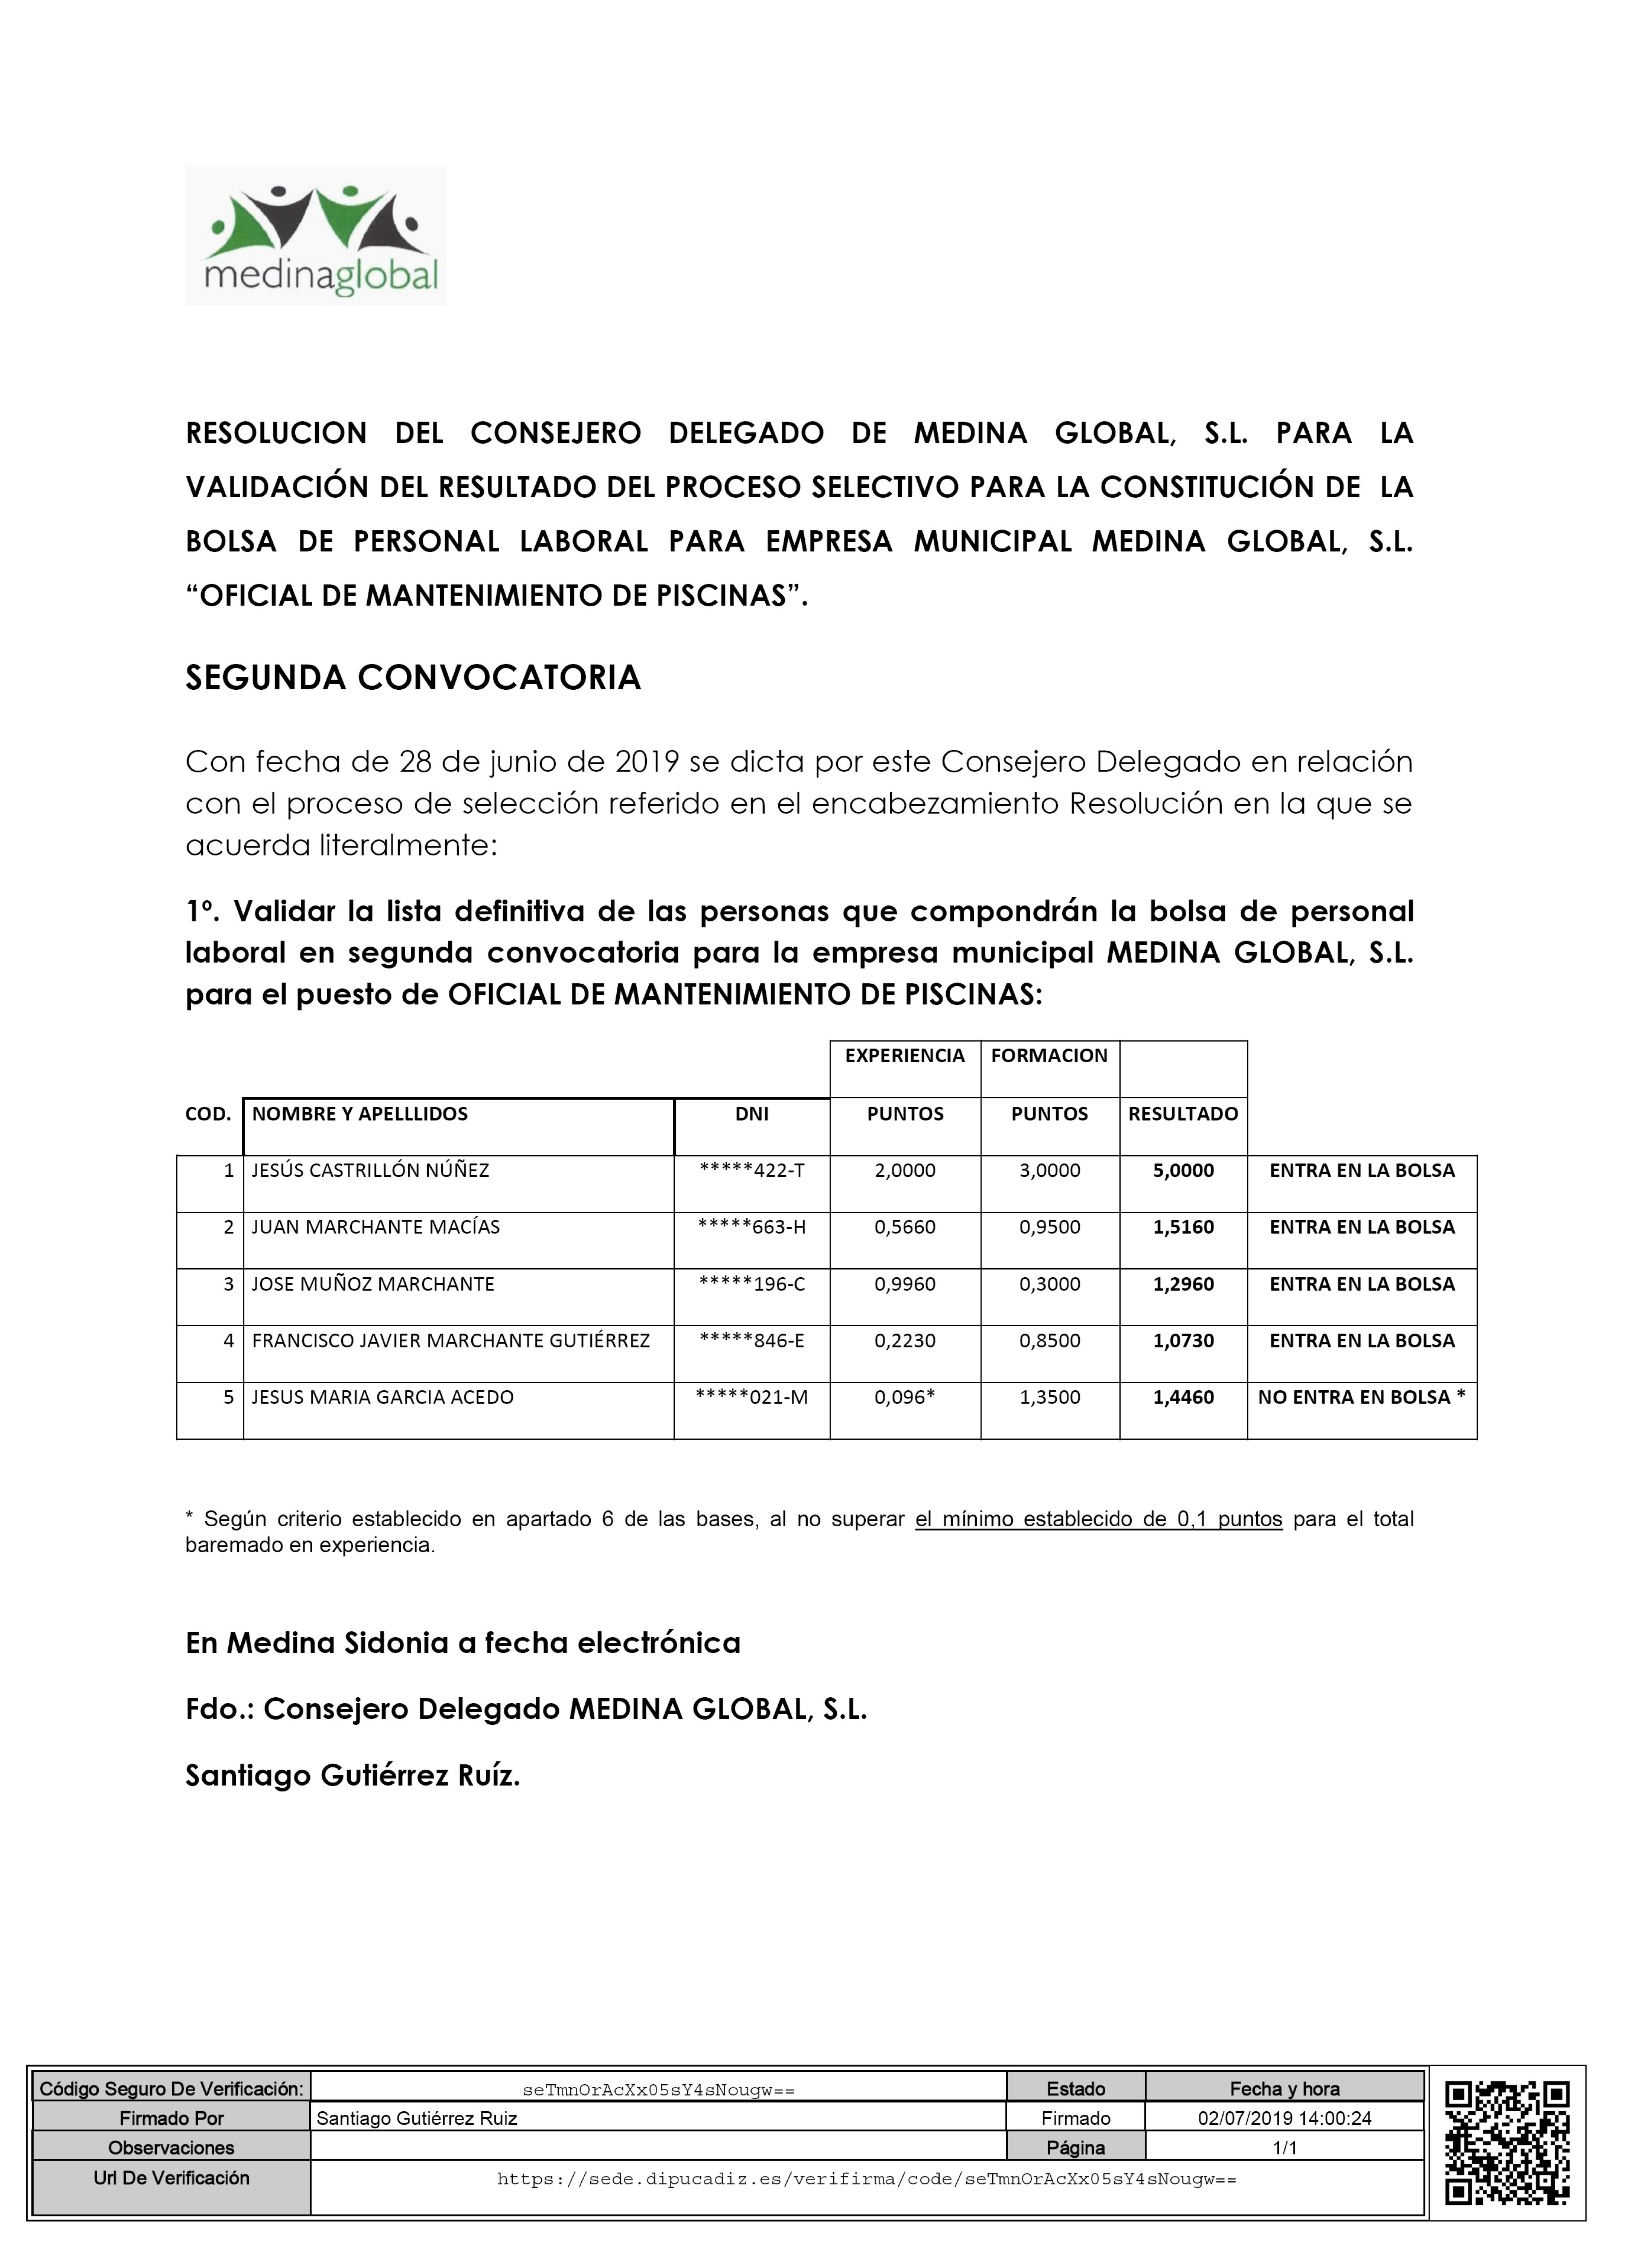 LISTA DEFINITIVA DE LA 2ª CONVOCATORIA DEL PROCESO DE SELECCIÓN DE OFICIAL MANTENEDOR DE PISCINA